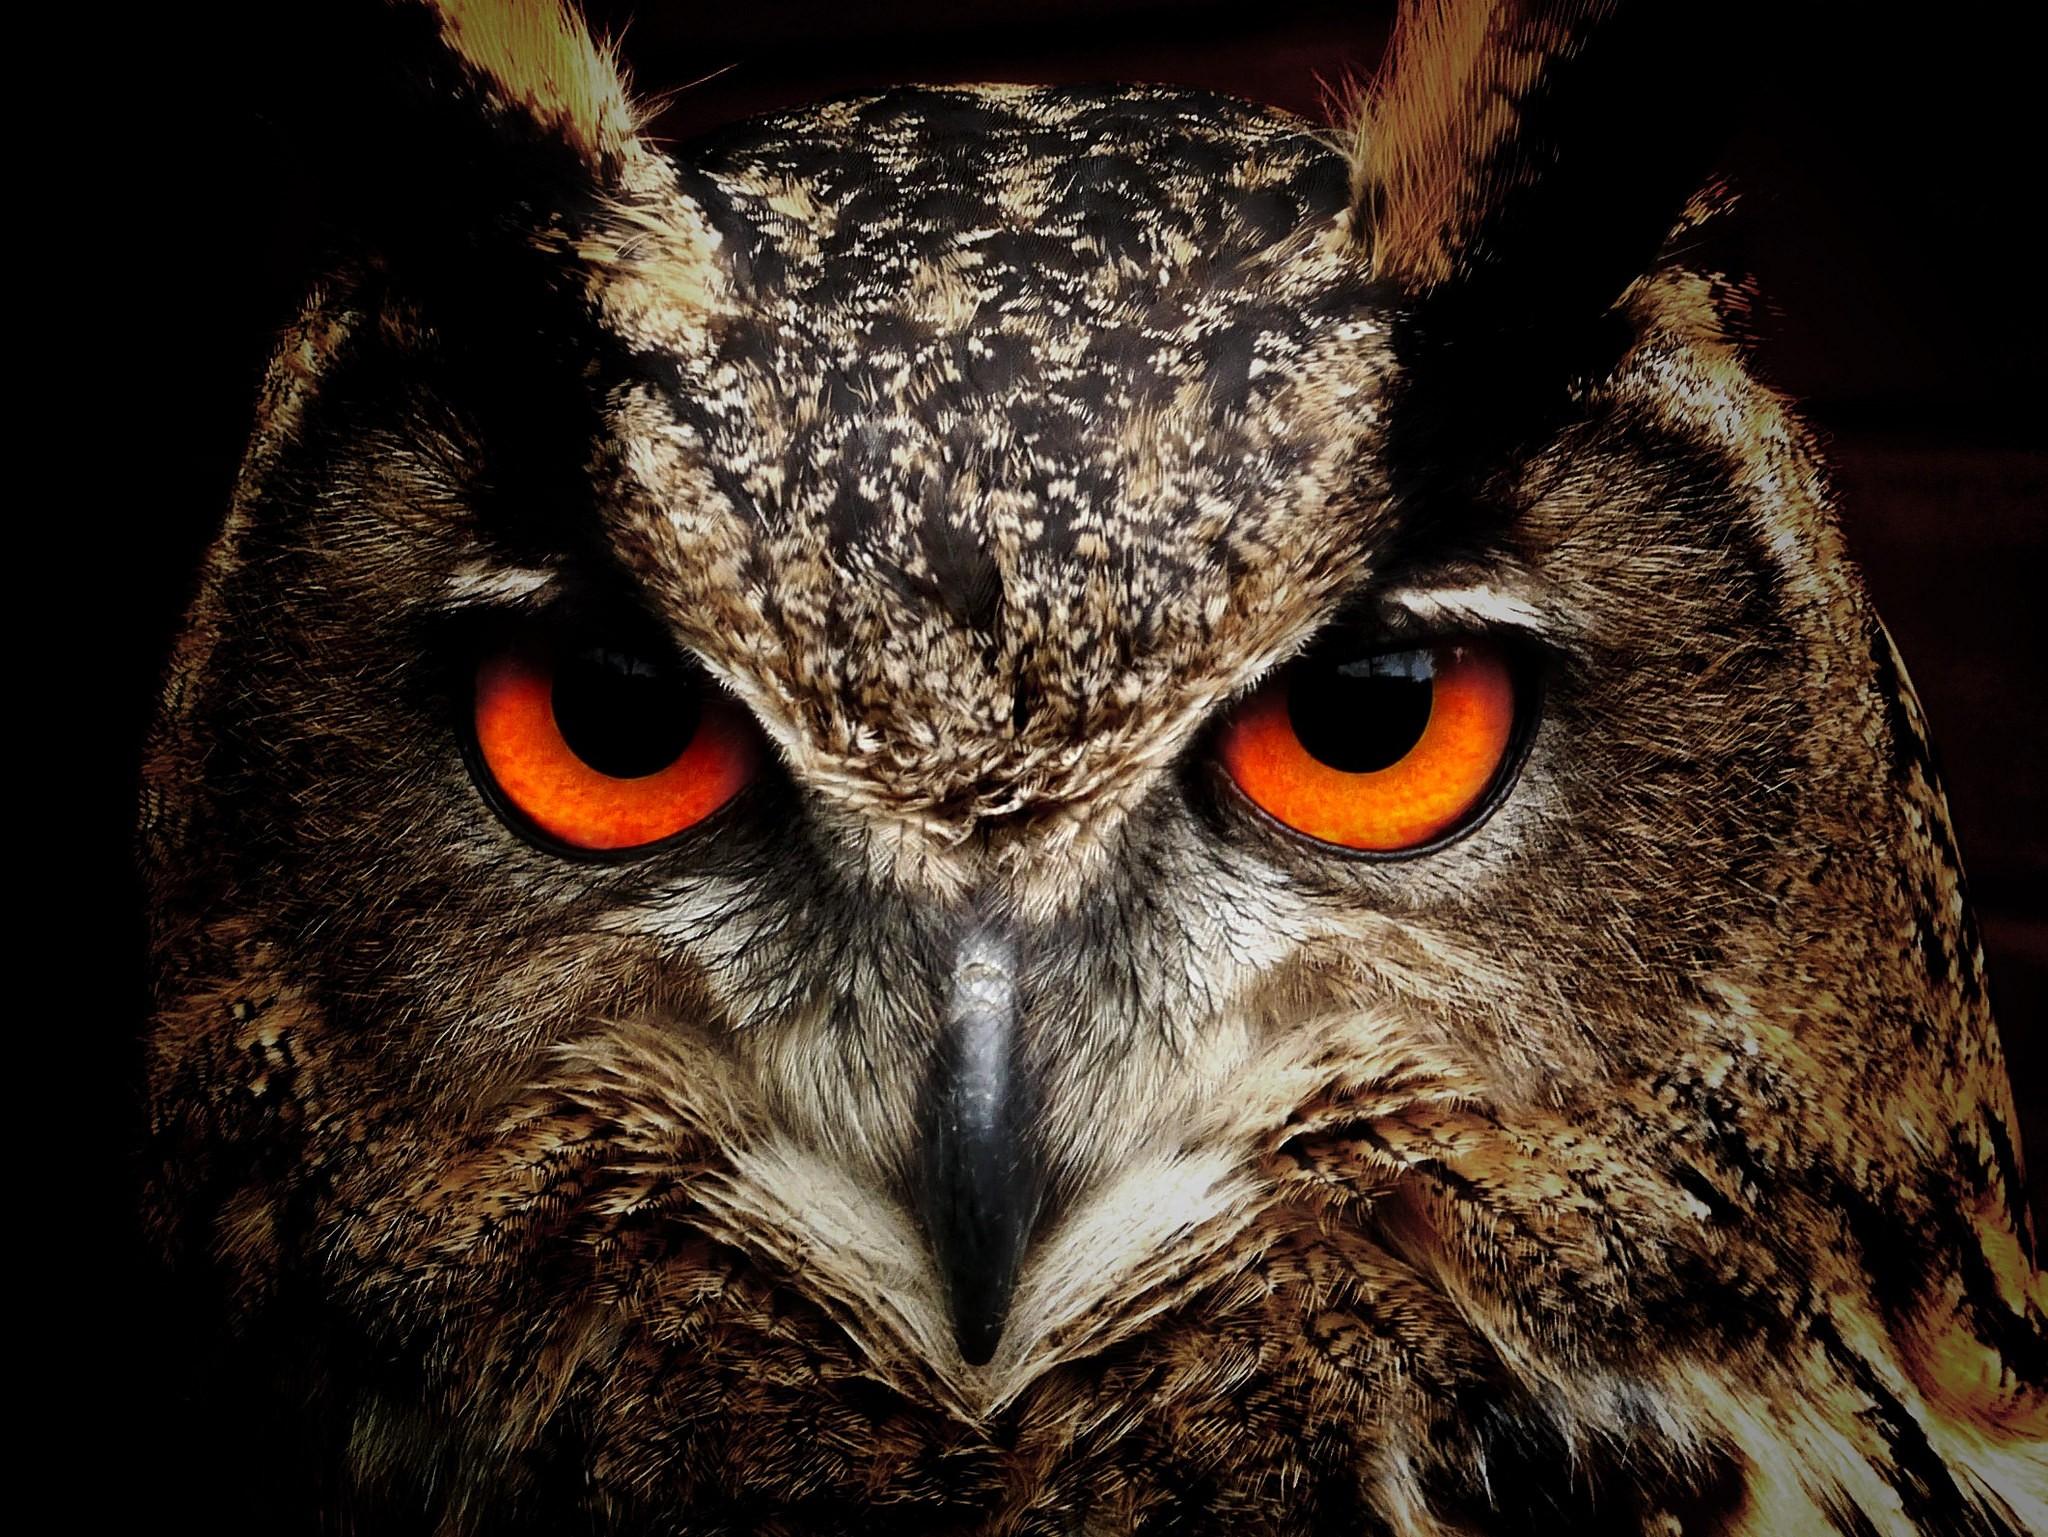 80 Koleksi Wallpaper Burung Hantu Asli HD Terbaik